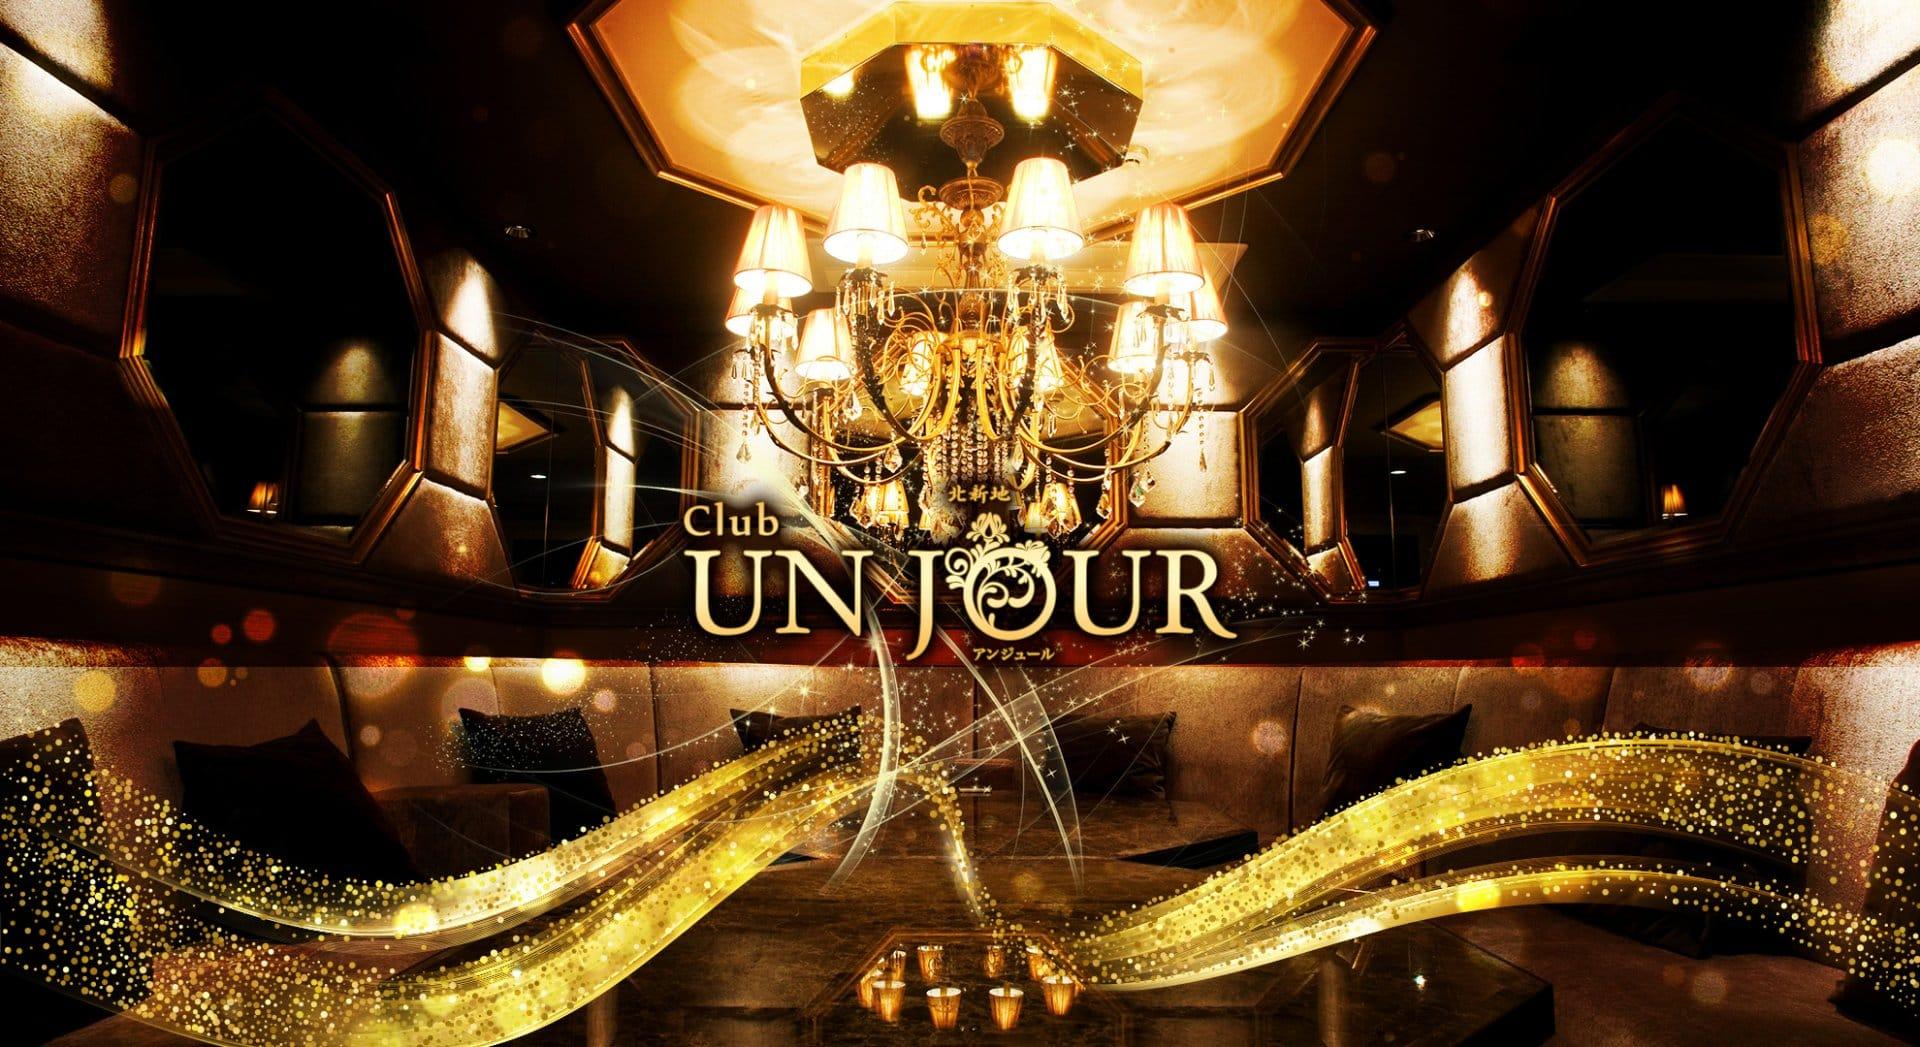 Club UNJOUR (アンジュール) 北新地ニュークラブ TOP画像